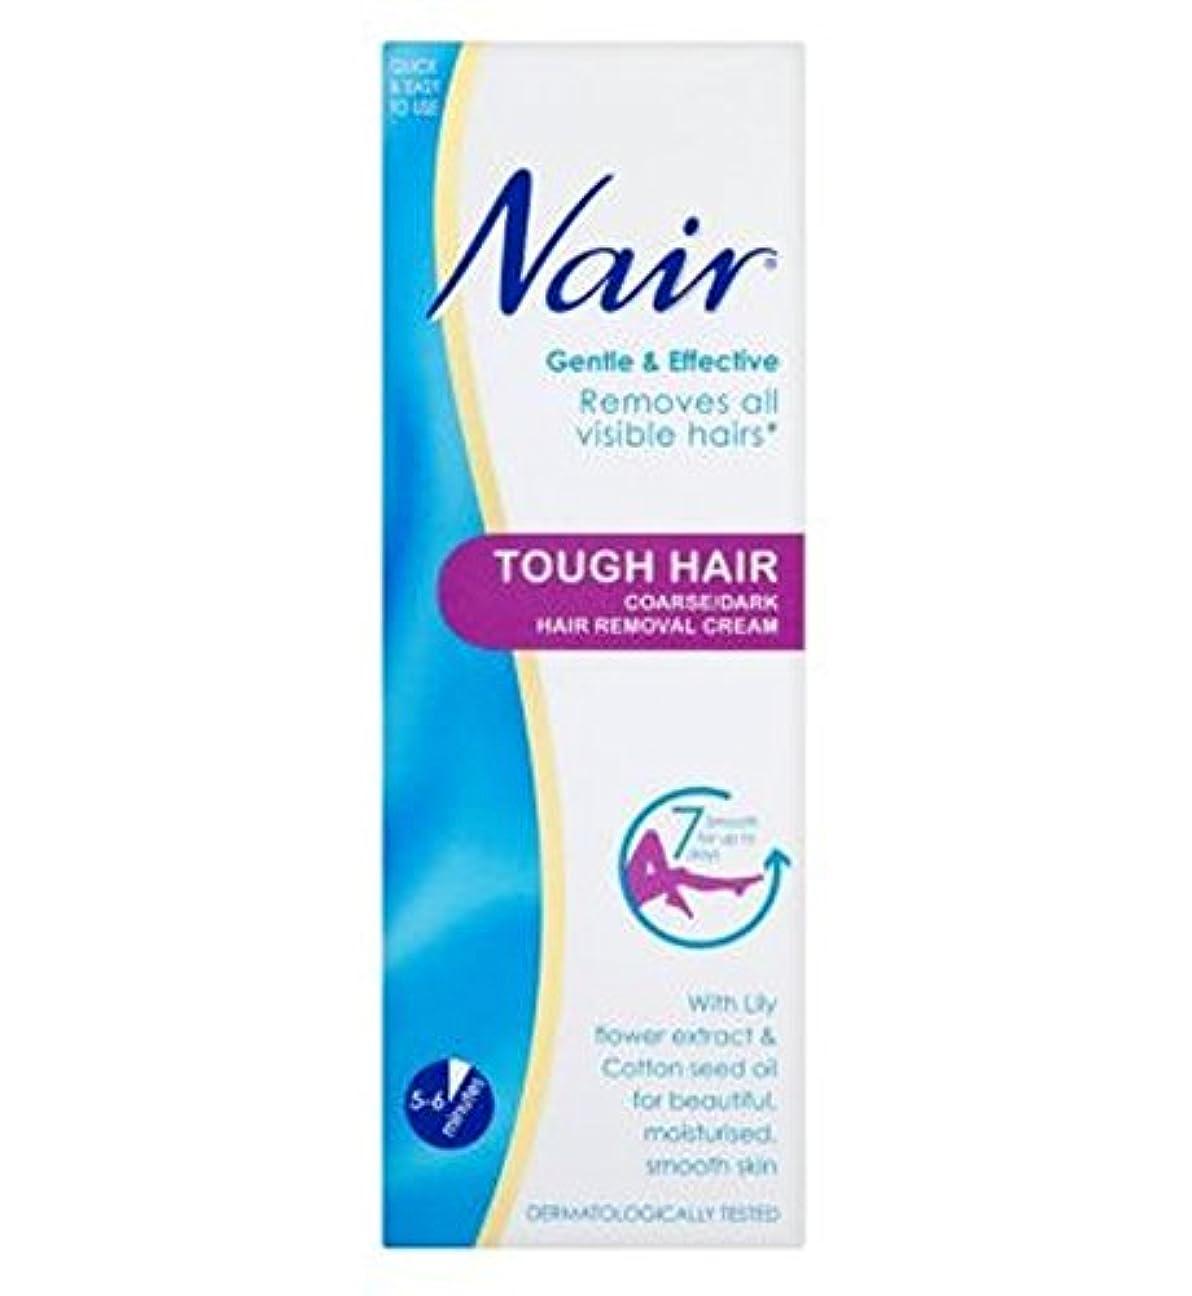 不規則な魔術デコラティブナイールタフな毛脱毛クリーム200ミリリットル (Nair) (x2) - Nair Tough Hair Hair Removal Cream 200ml (Pack of 2) [並行輸入品]